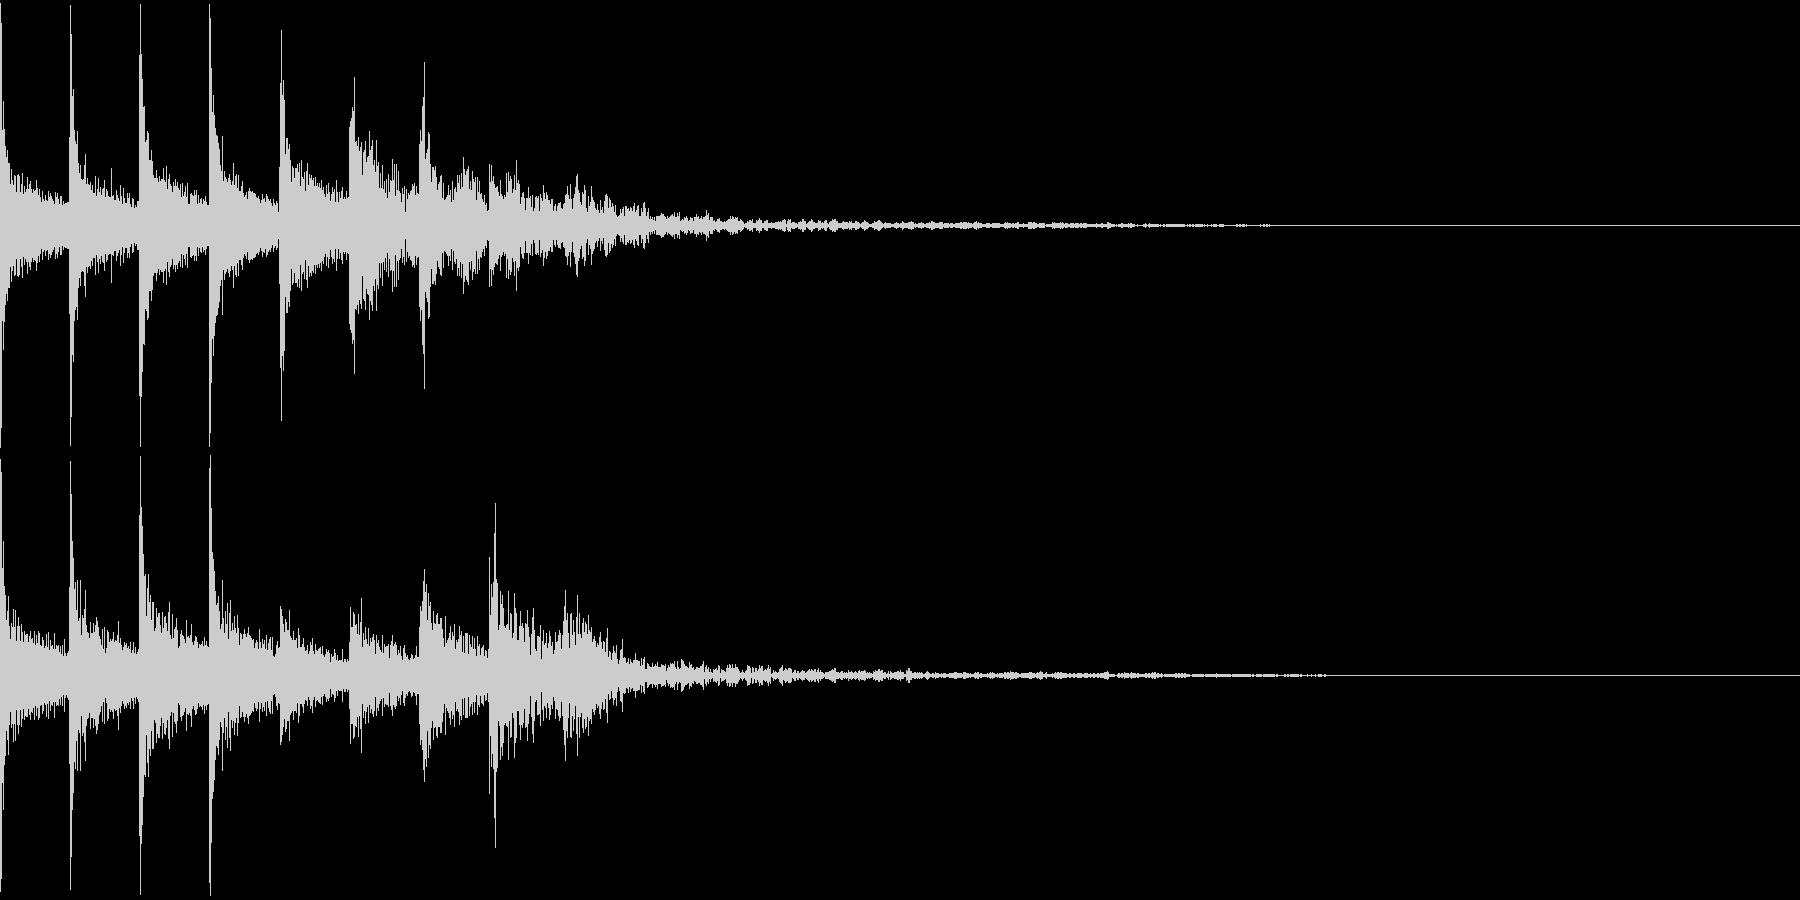 タム回し/低音へ/ドラムフィル/1の未再生の波形